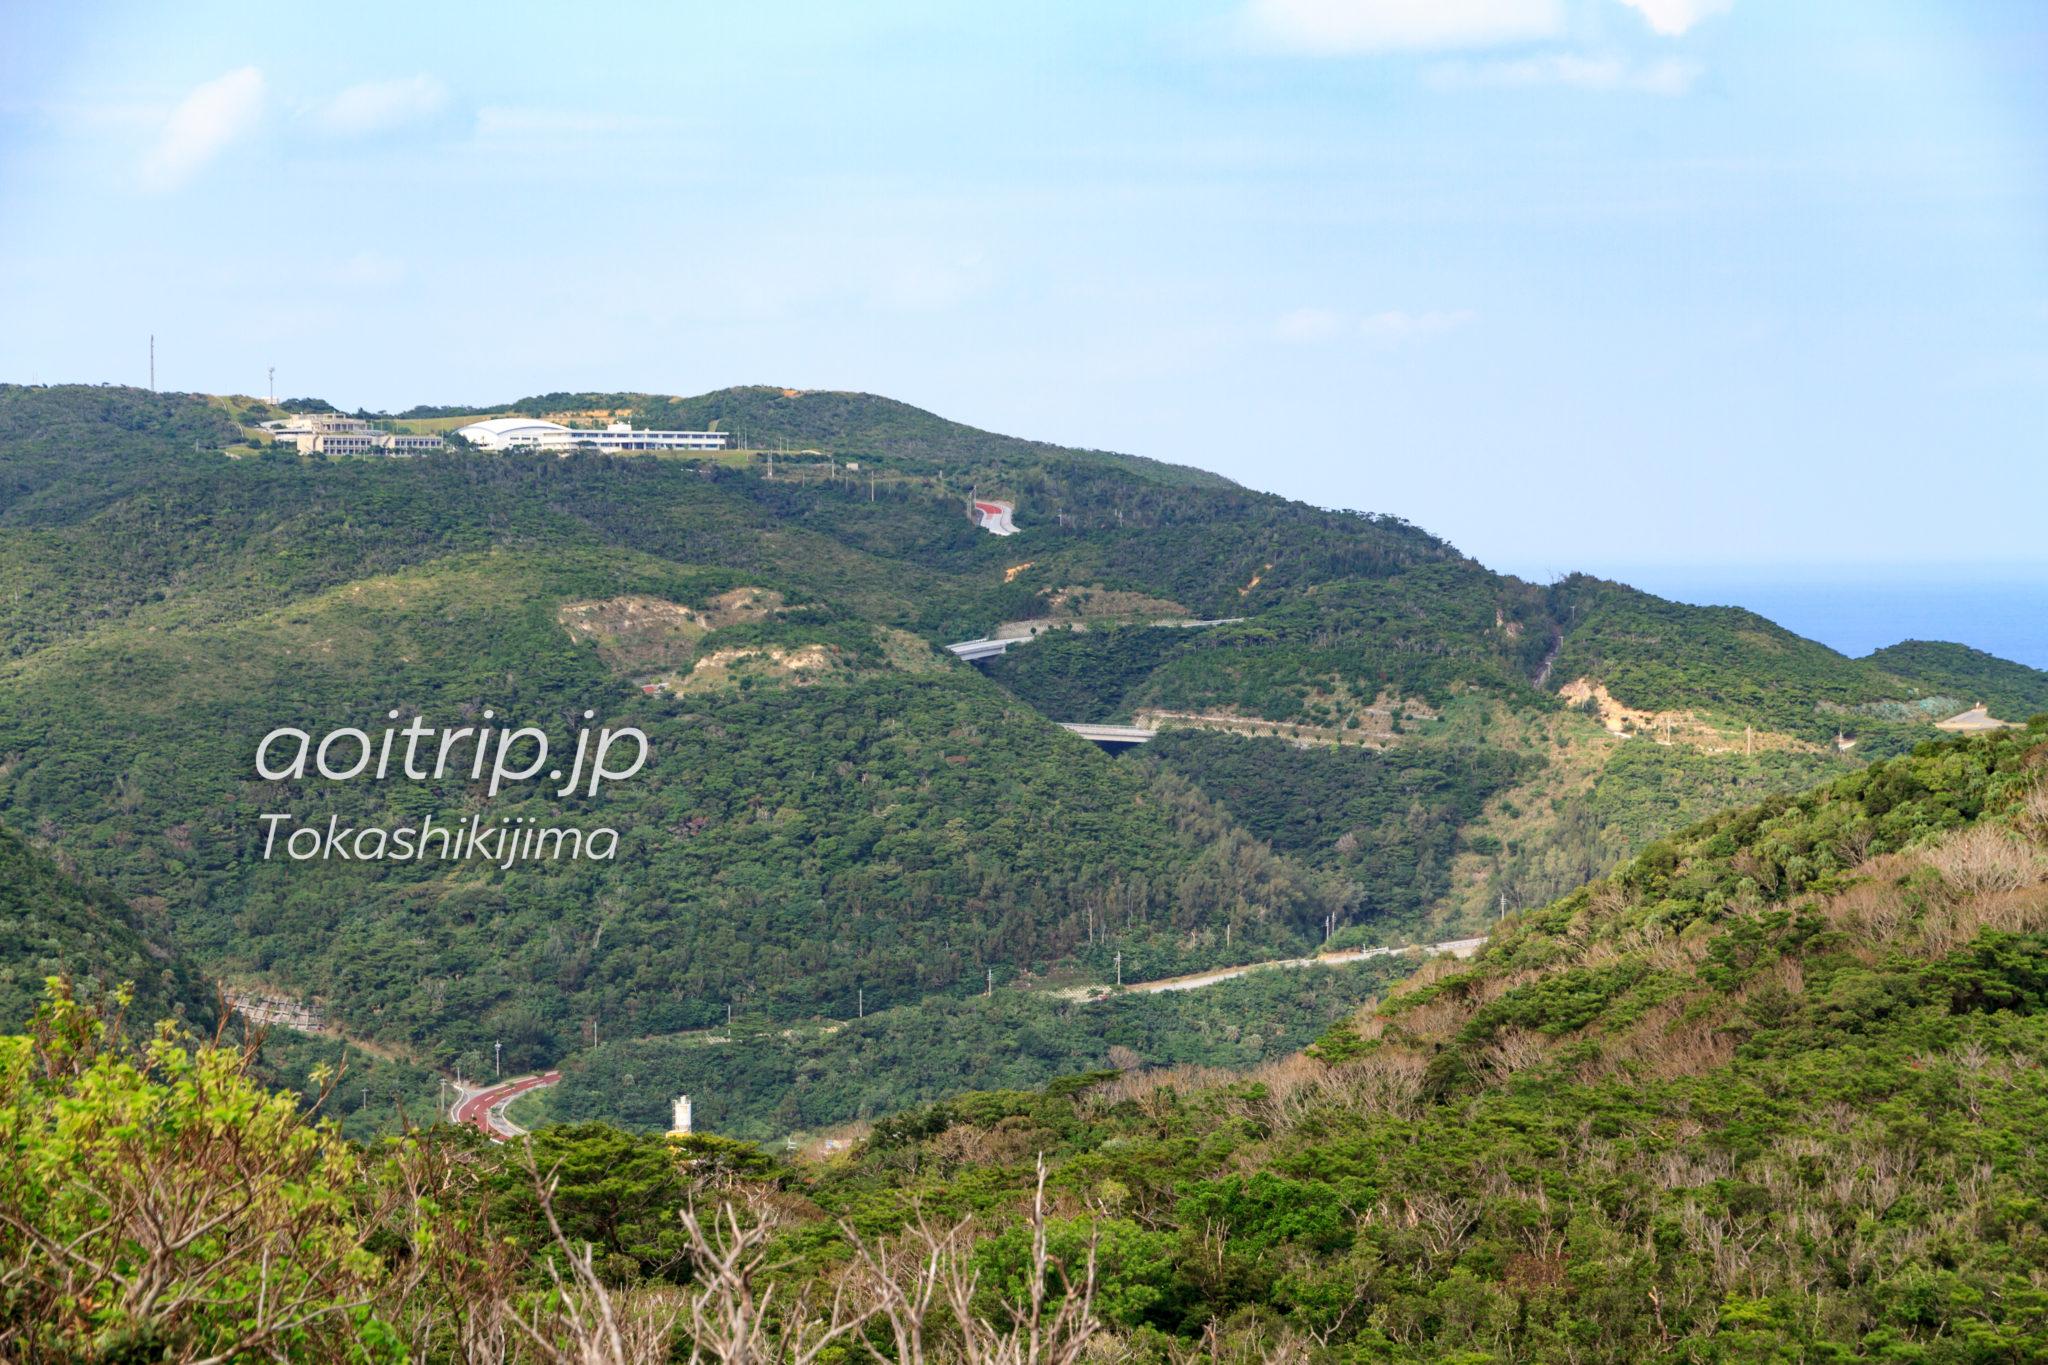 渡嘉敷島のアラン展望台からの眺望